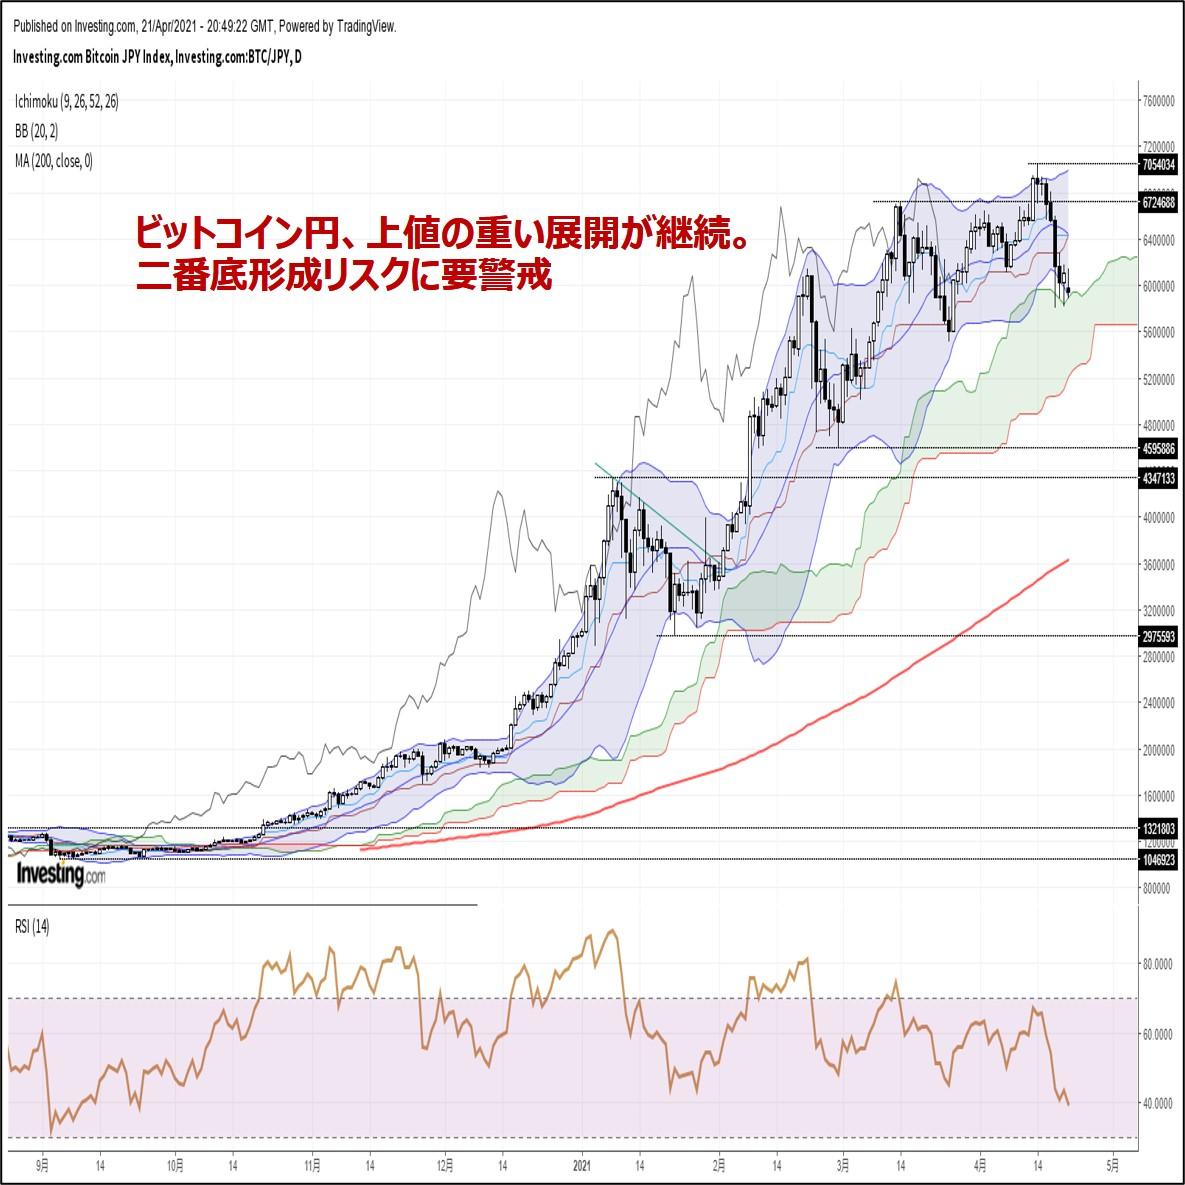 ビットコイン円、上値の重い展開が継続。二番底形成リスクに要警戒(4/22朝)